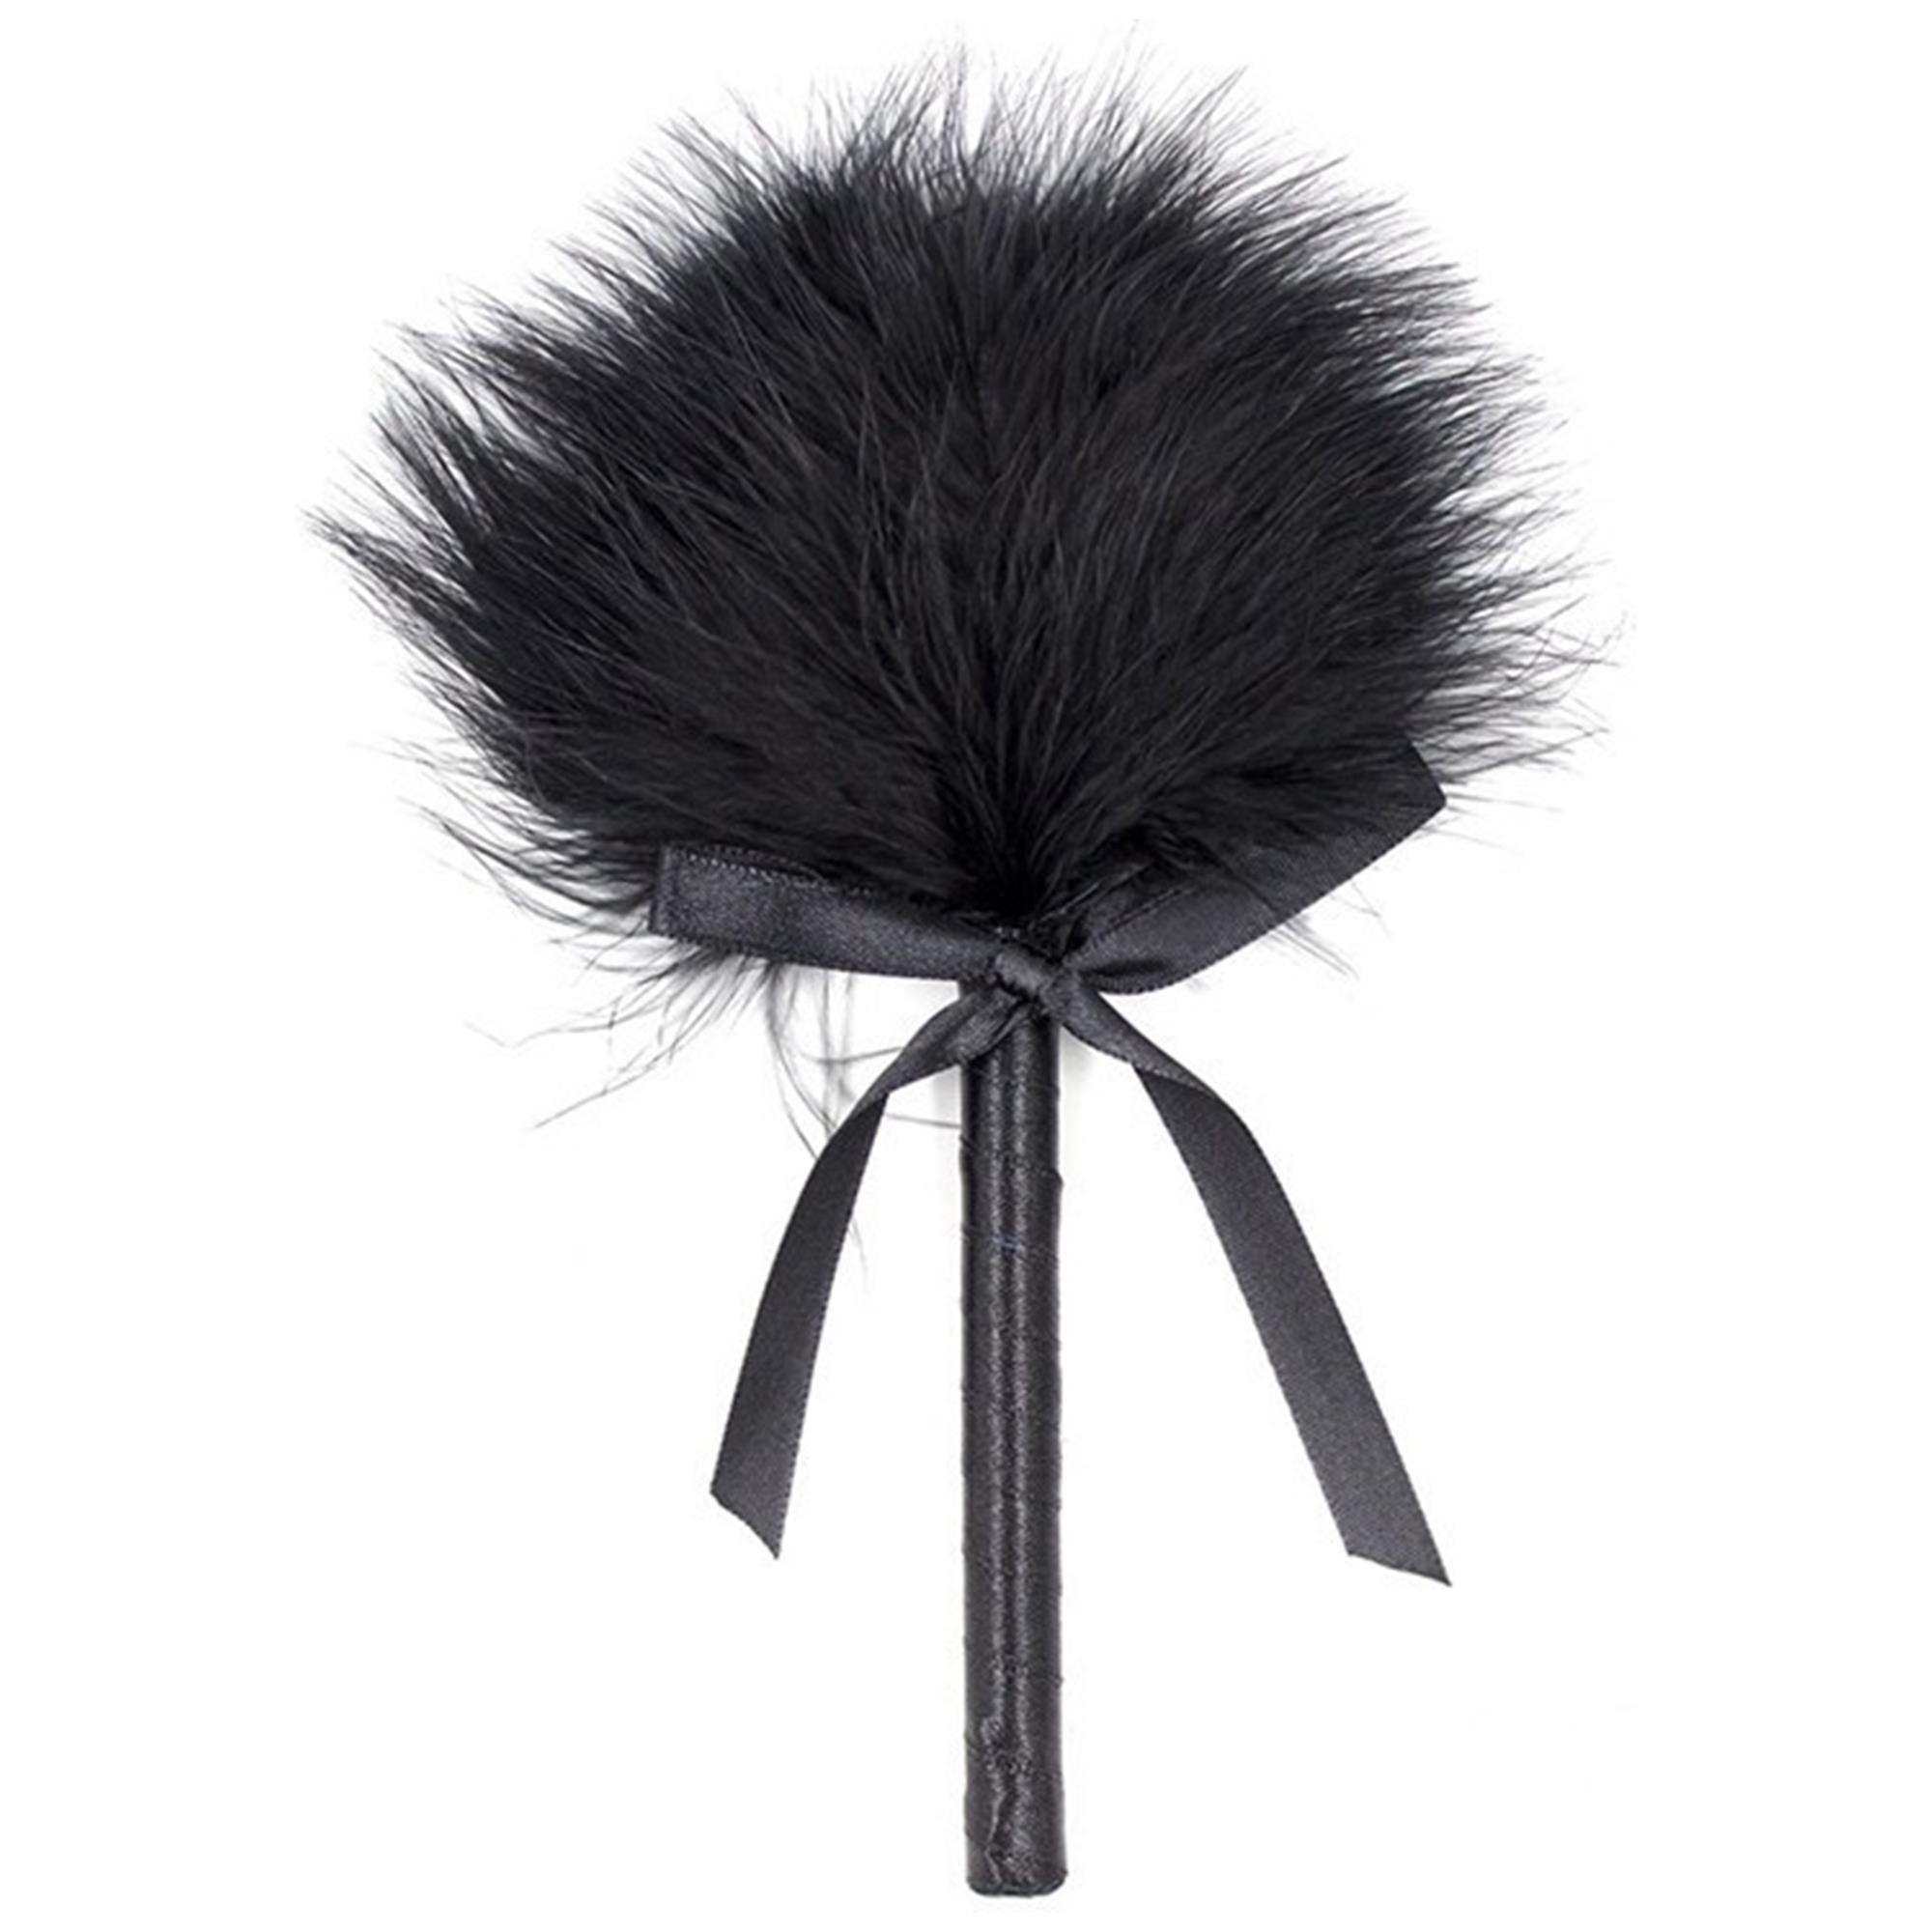 Køb Feather Tickler Black